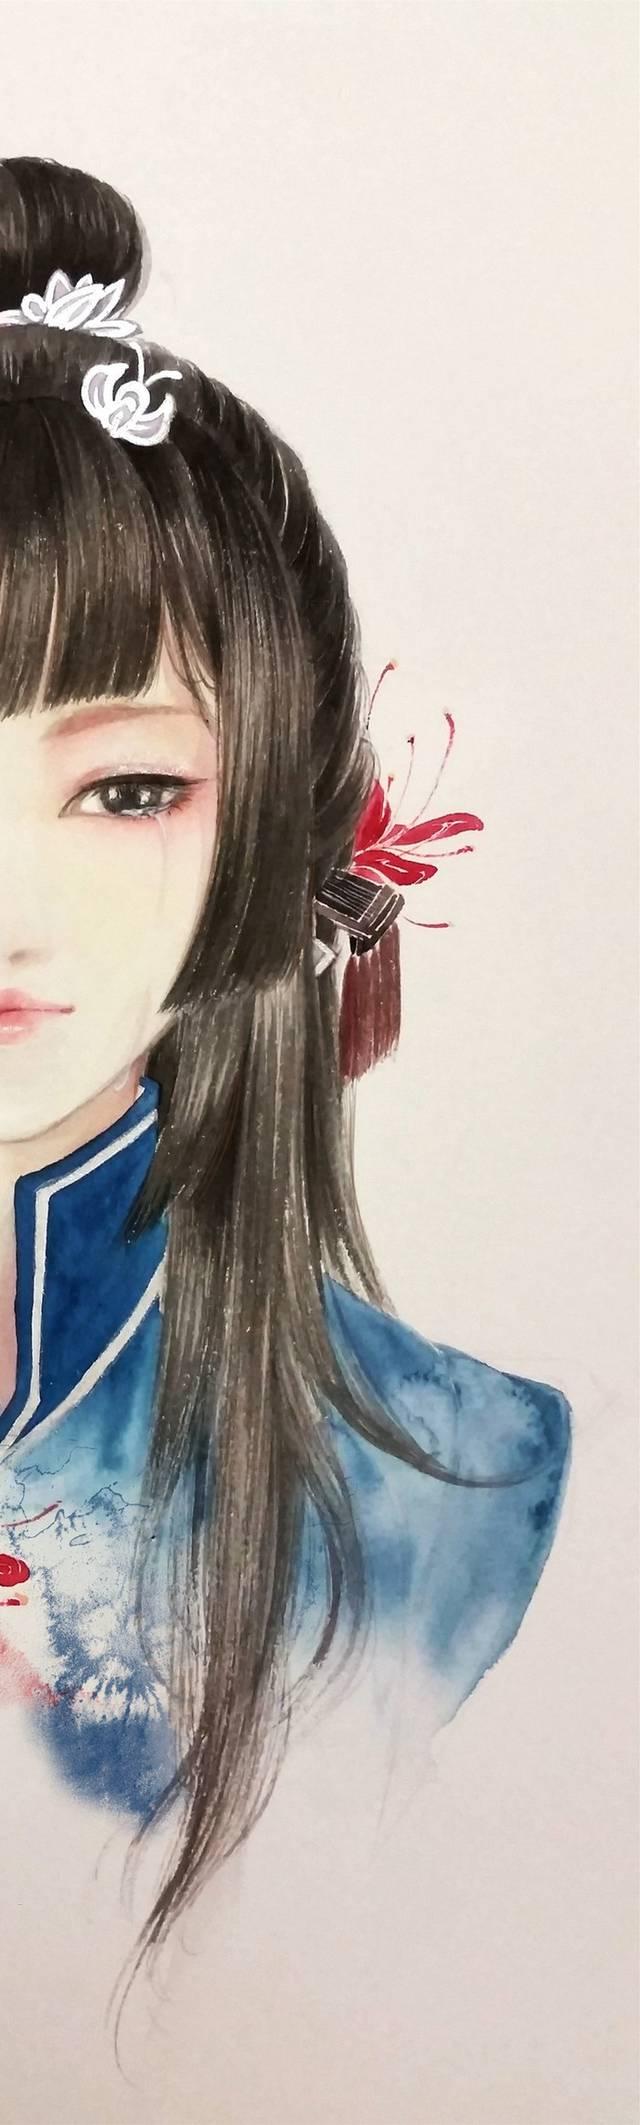 超美的古装美女手绘图~~-娱乐频道-手机搜狐